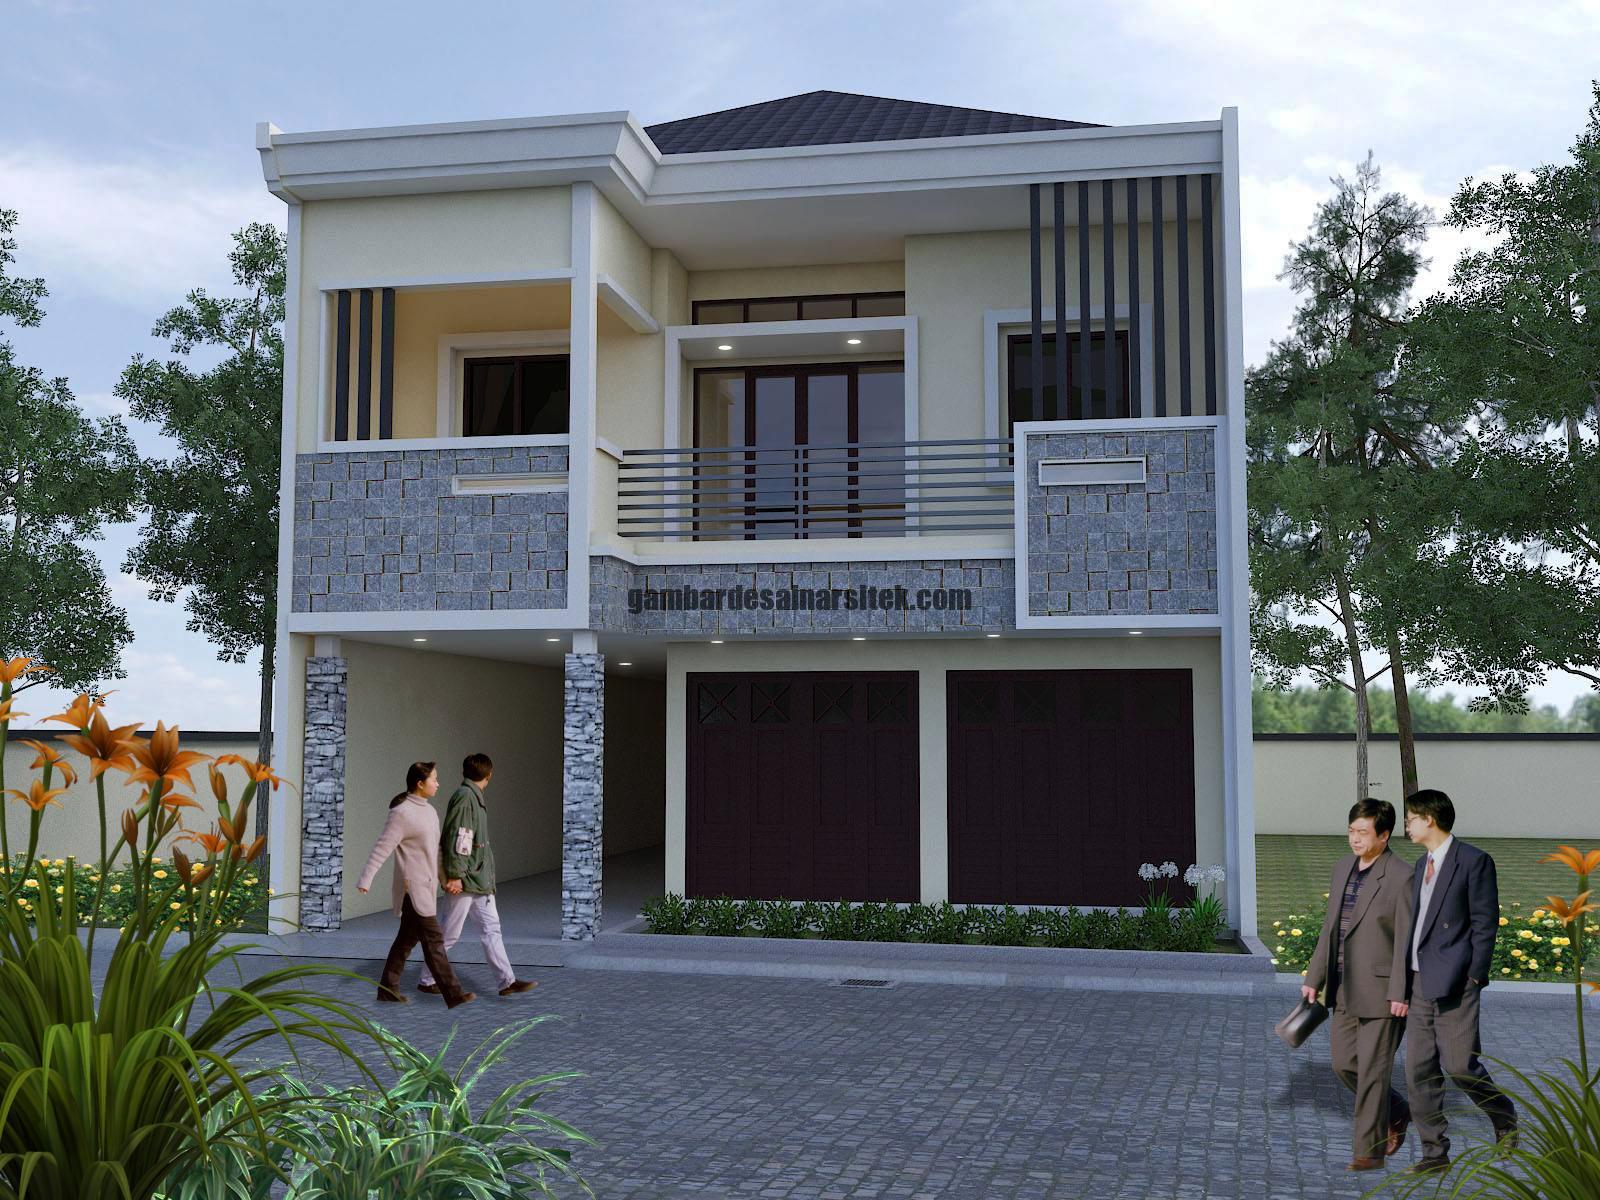 80 Desain Atap Segitiga sebagai Inspirasi Rumah Anda 5